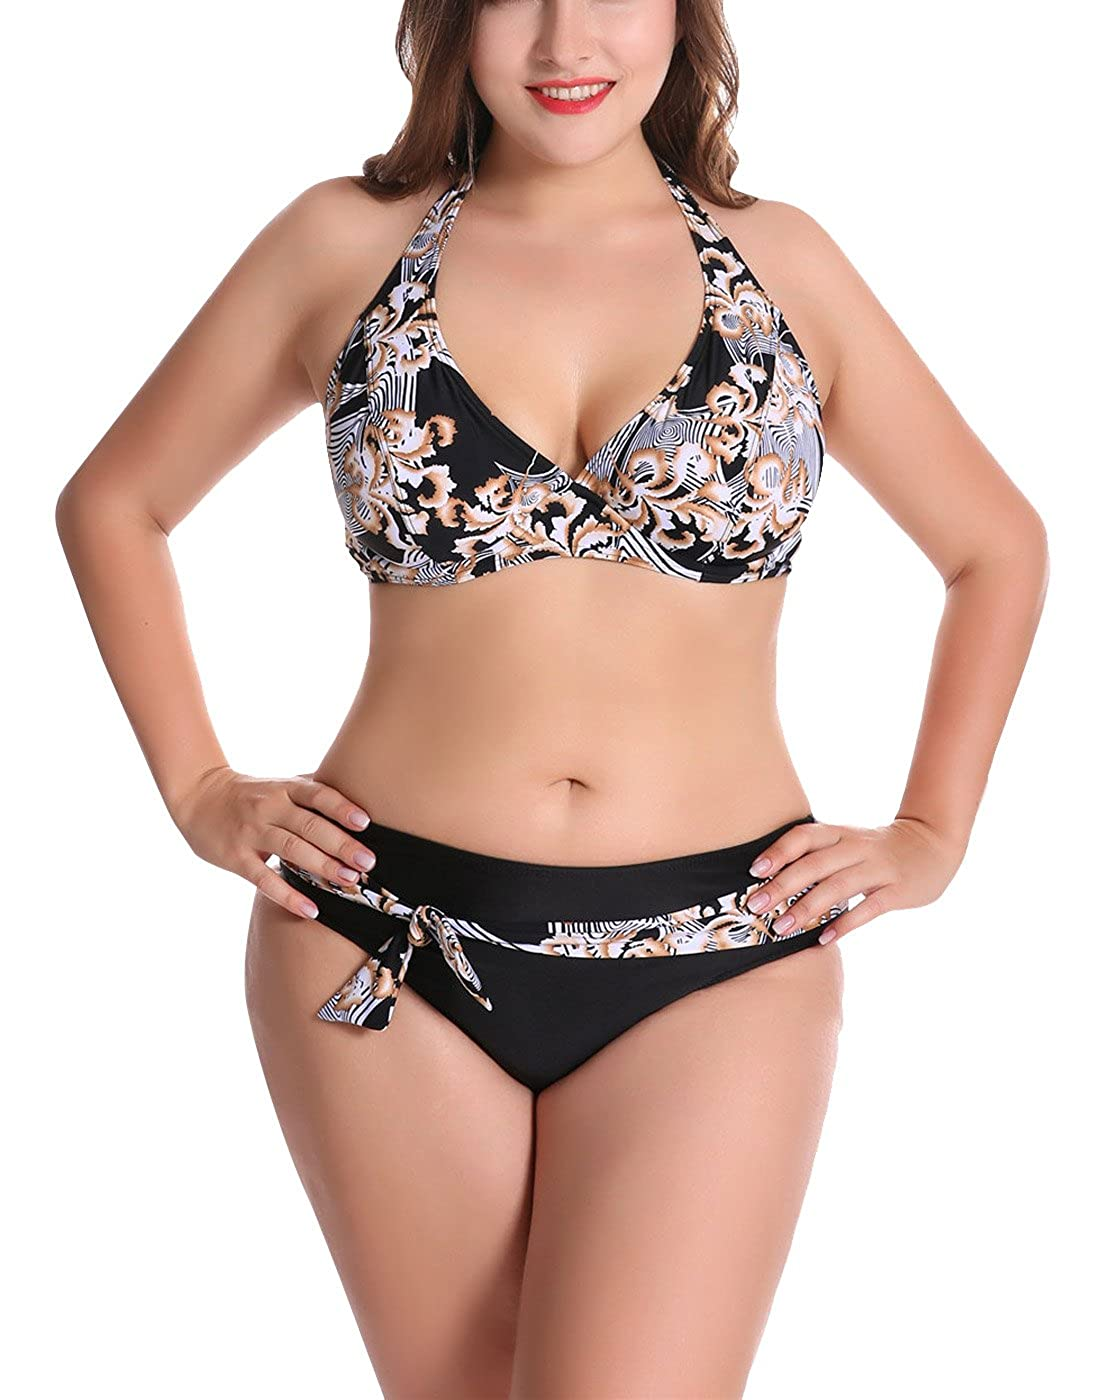 FEOYA 2PCS Costume da Bagno per Donna Swimsuit Beachwear Push Up Costume Intero Bikini Mare Piscina Taglia Grande con Disegno di Fiore 3 Colori